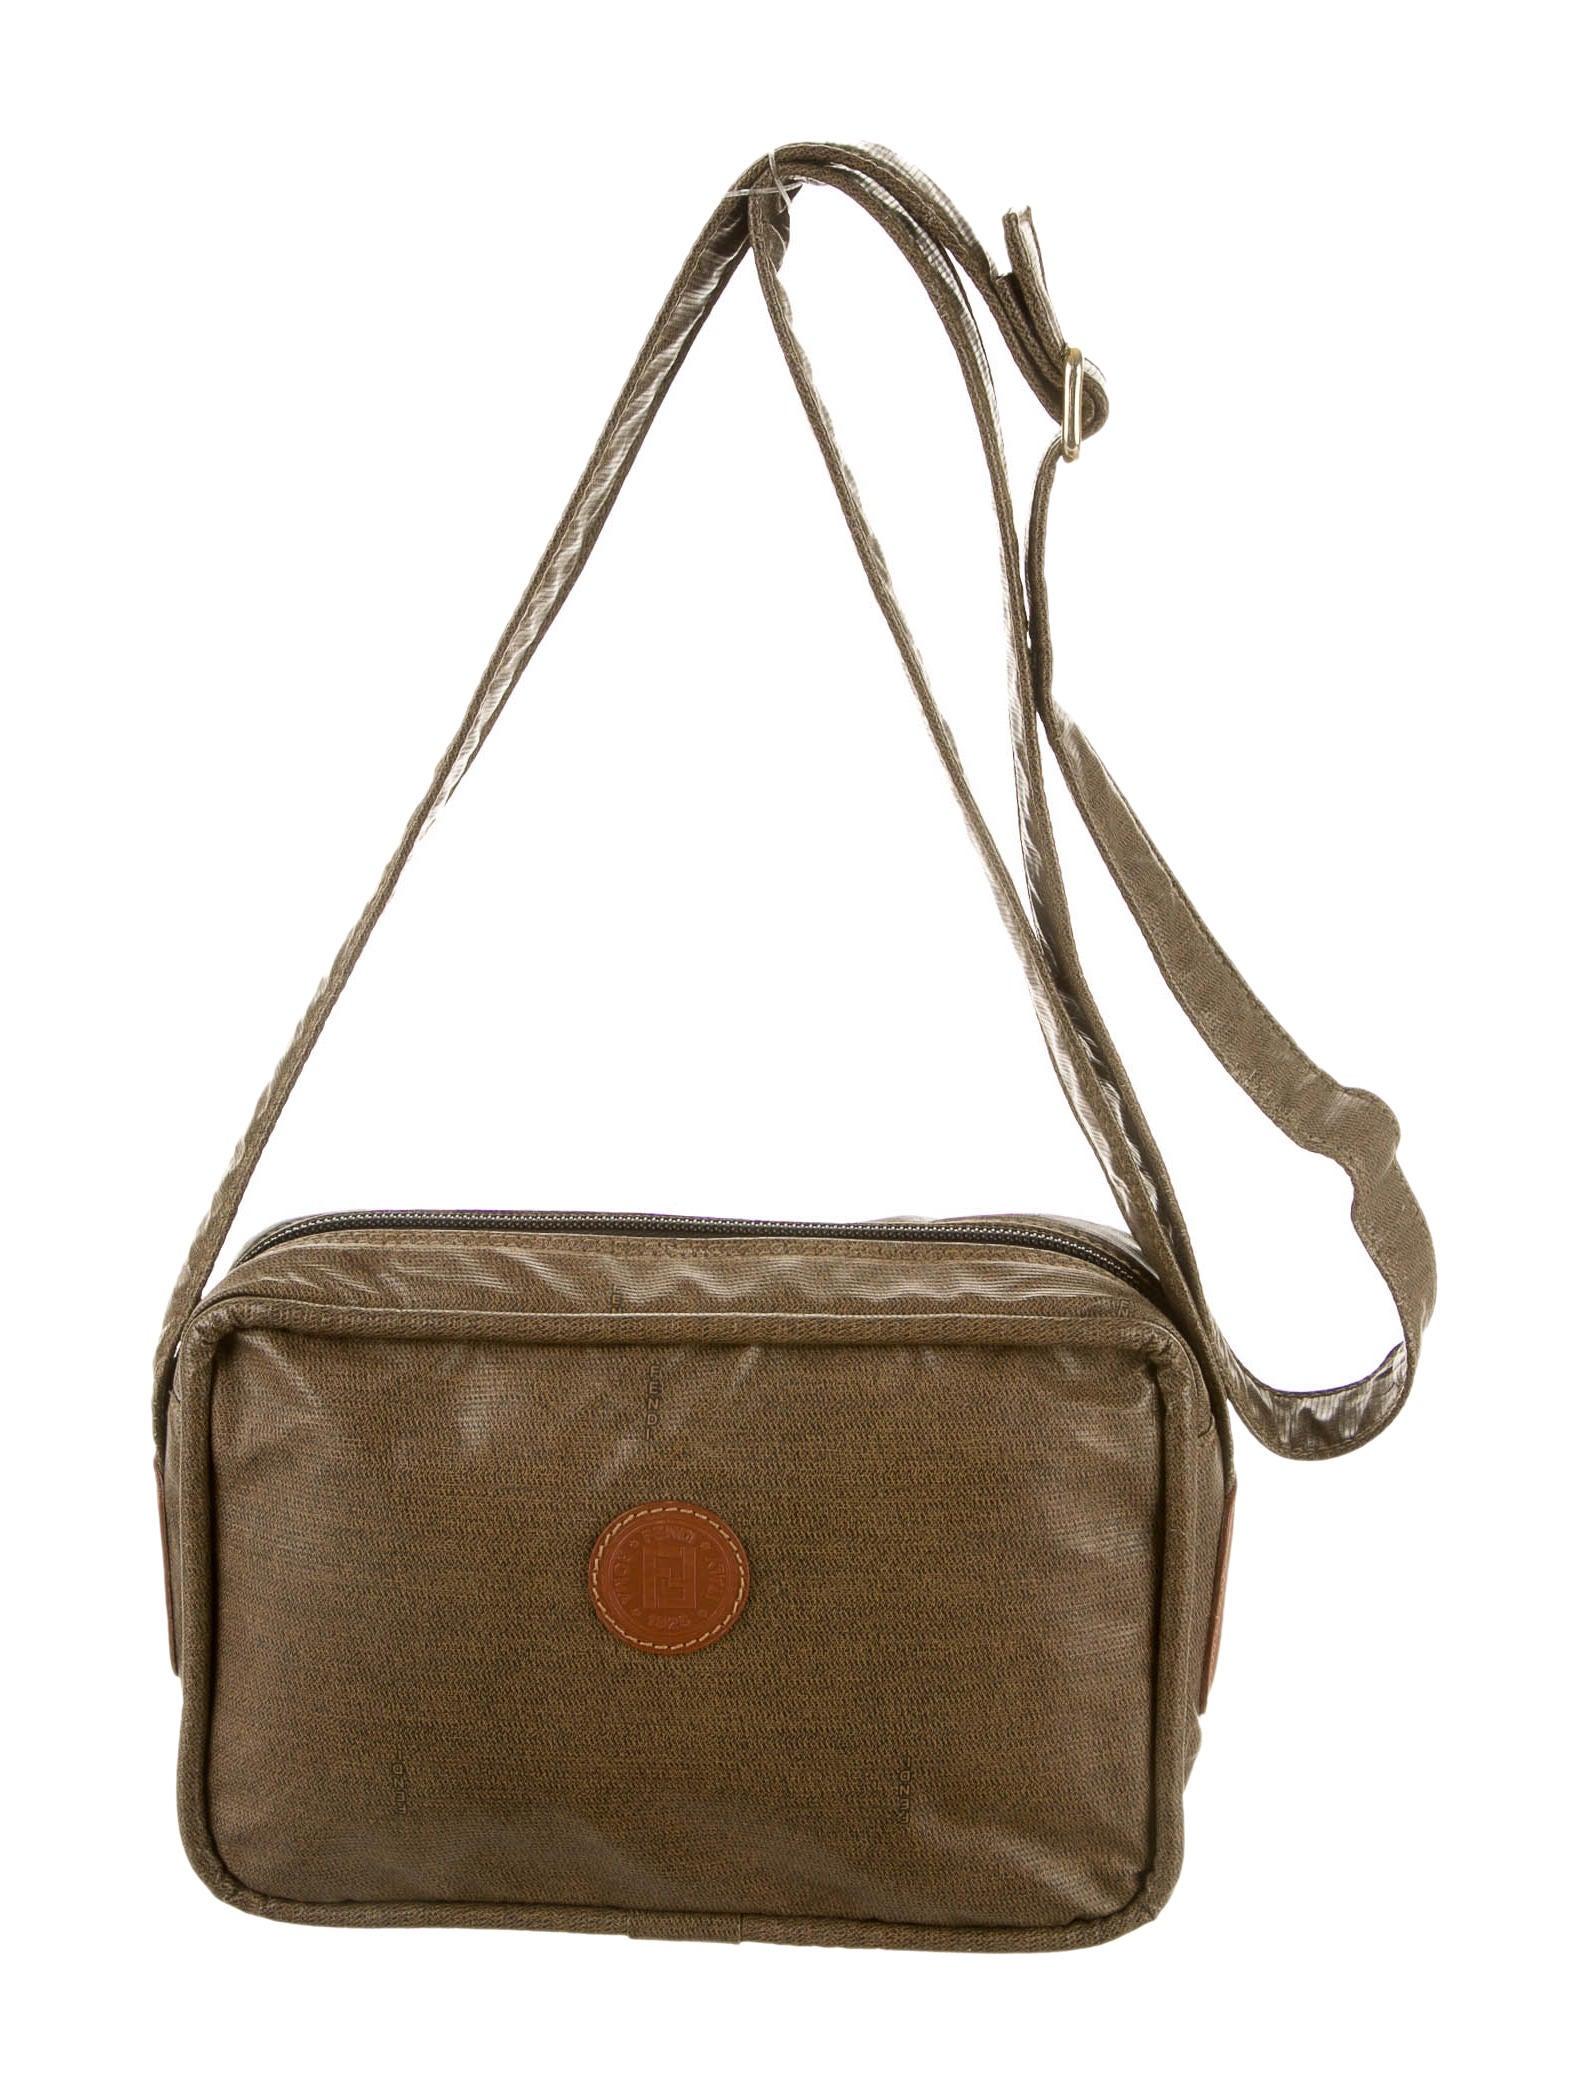 2540af81be Fendi Crossbody Purse. Fendi Crossbody Bag - Handbags - FEN34747